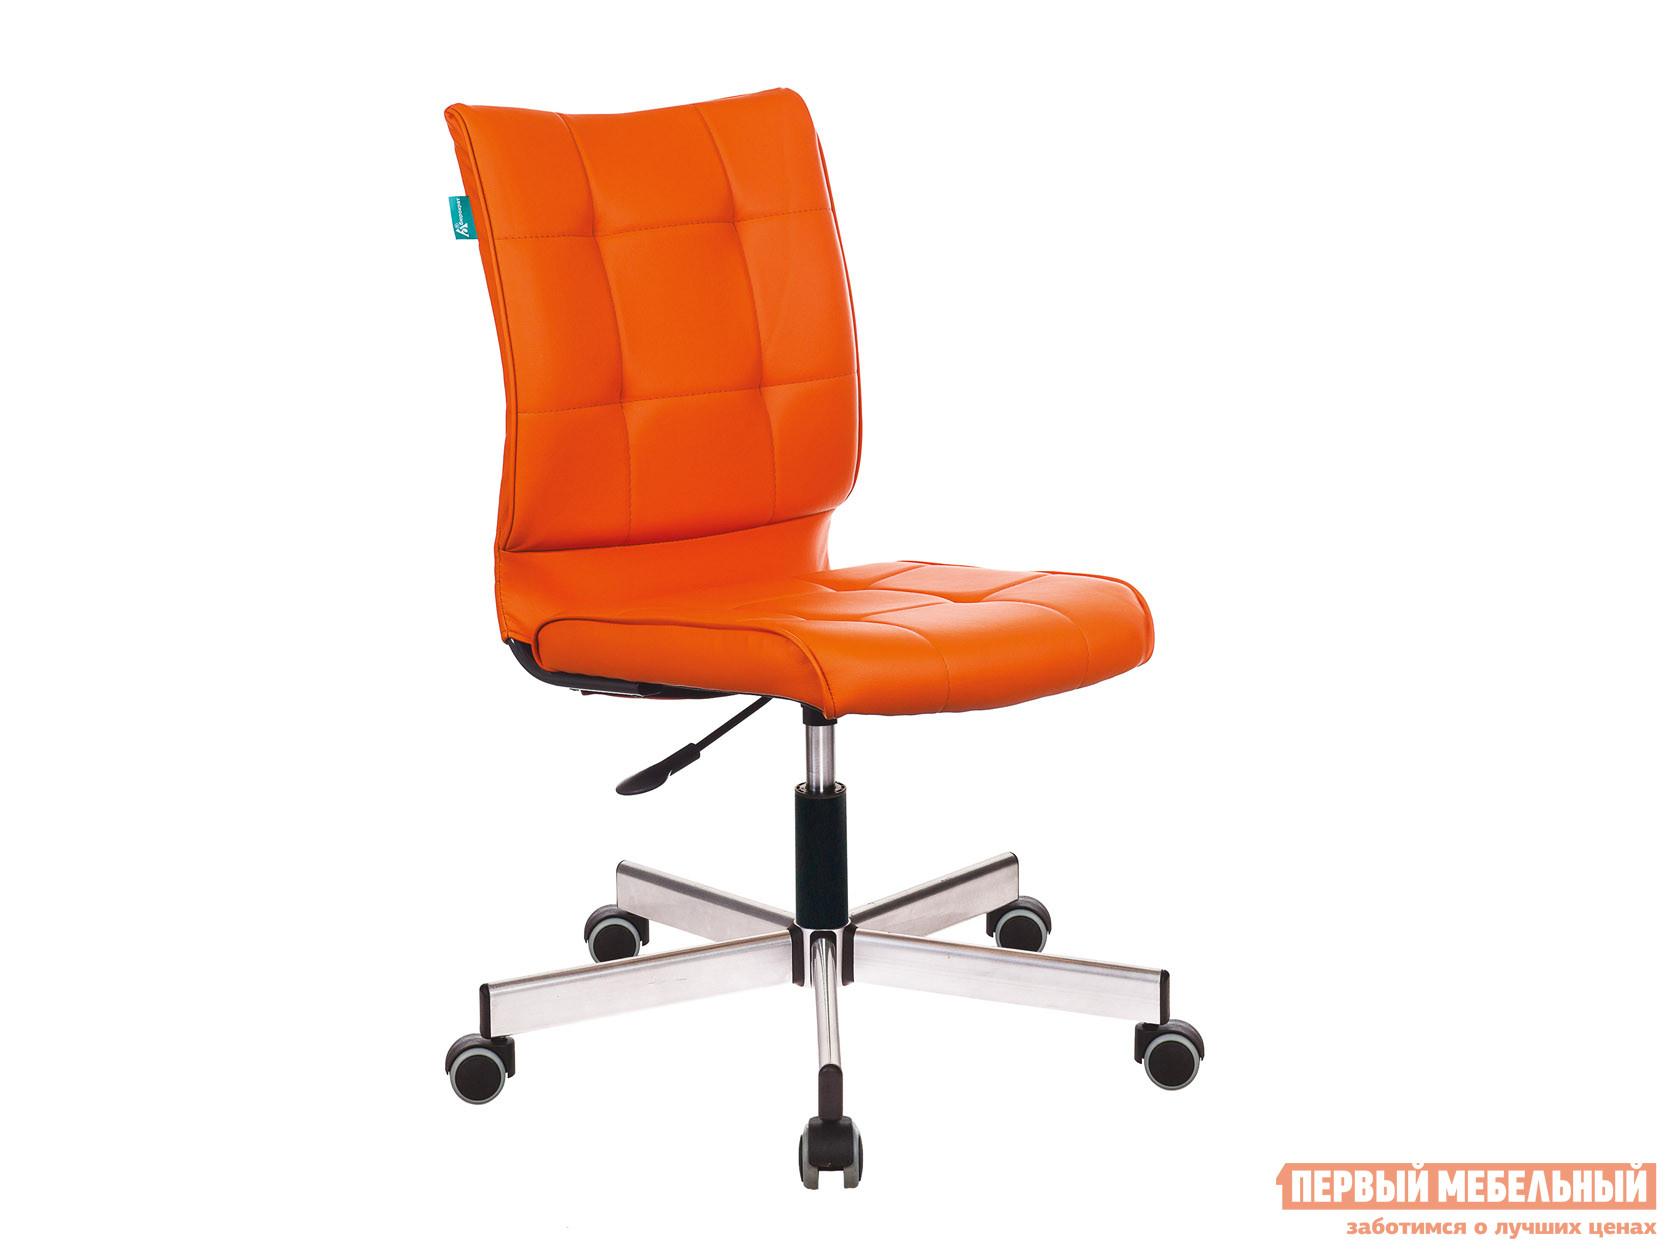 Офисное кресло CH-330M Оранжевая иск. кожа OR-20 фото